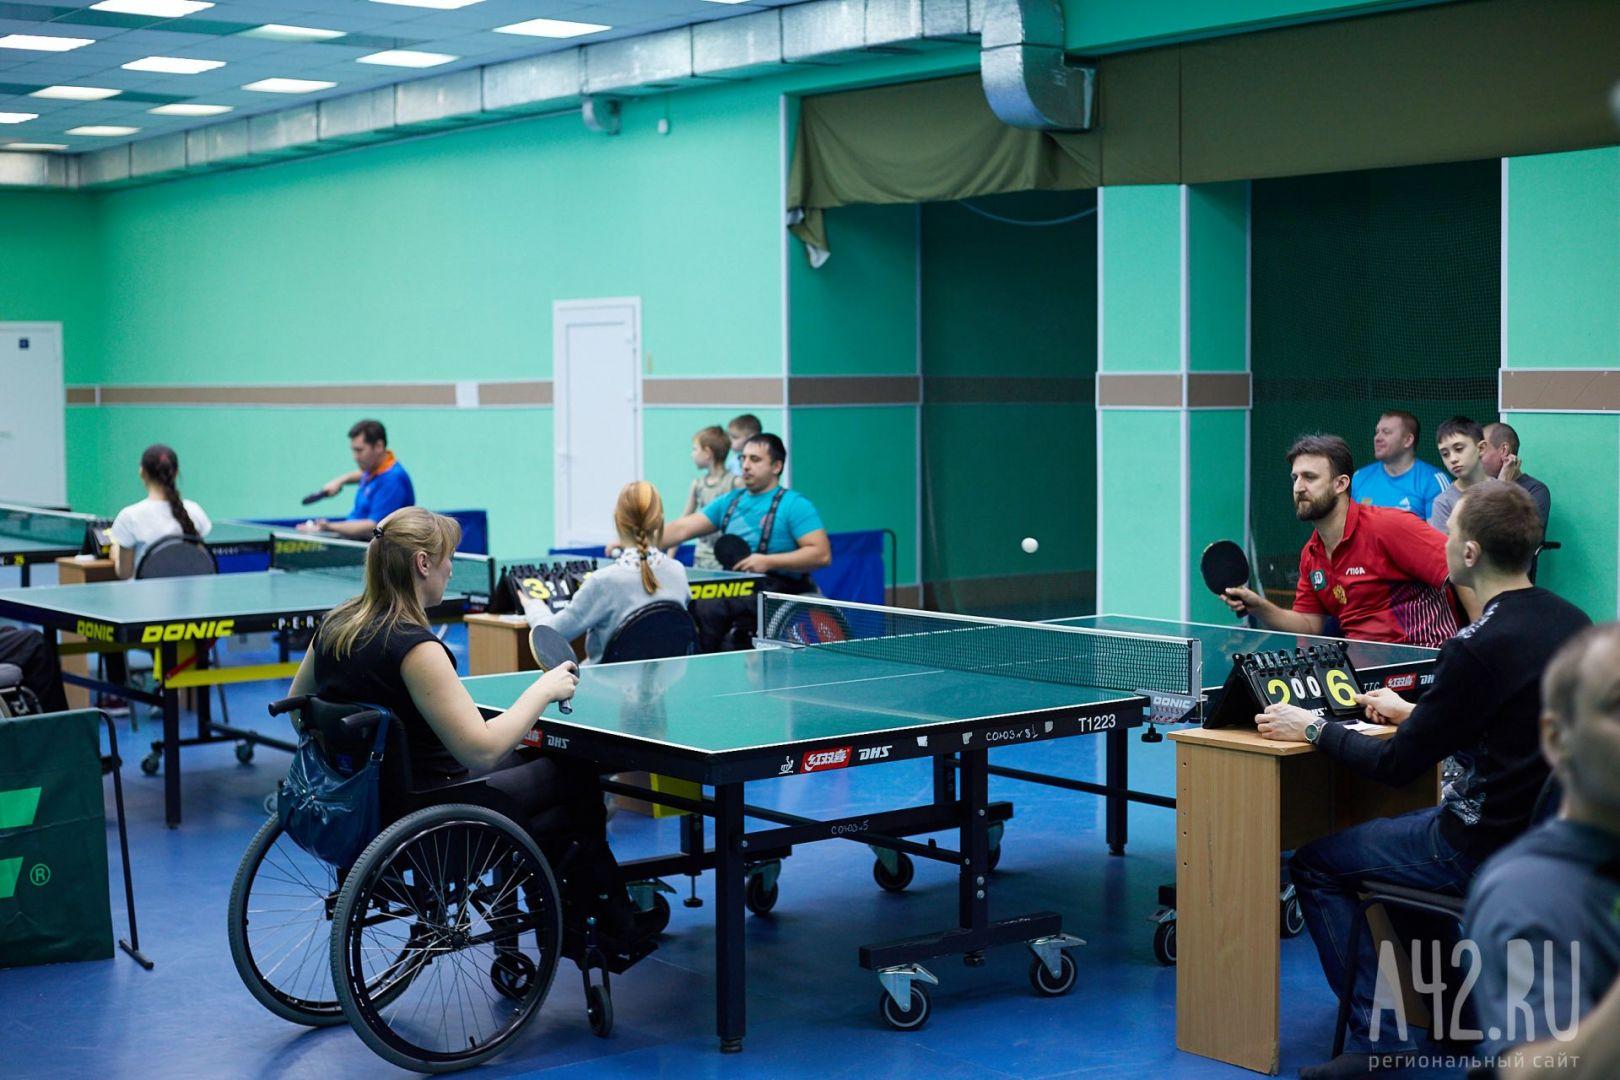 термобелья отводить открытый чемпионат чехии по настольному теннису 2016 белье